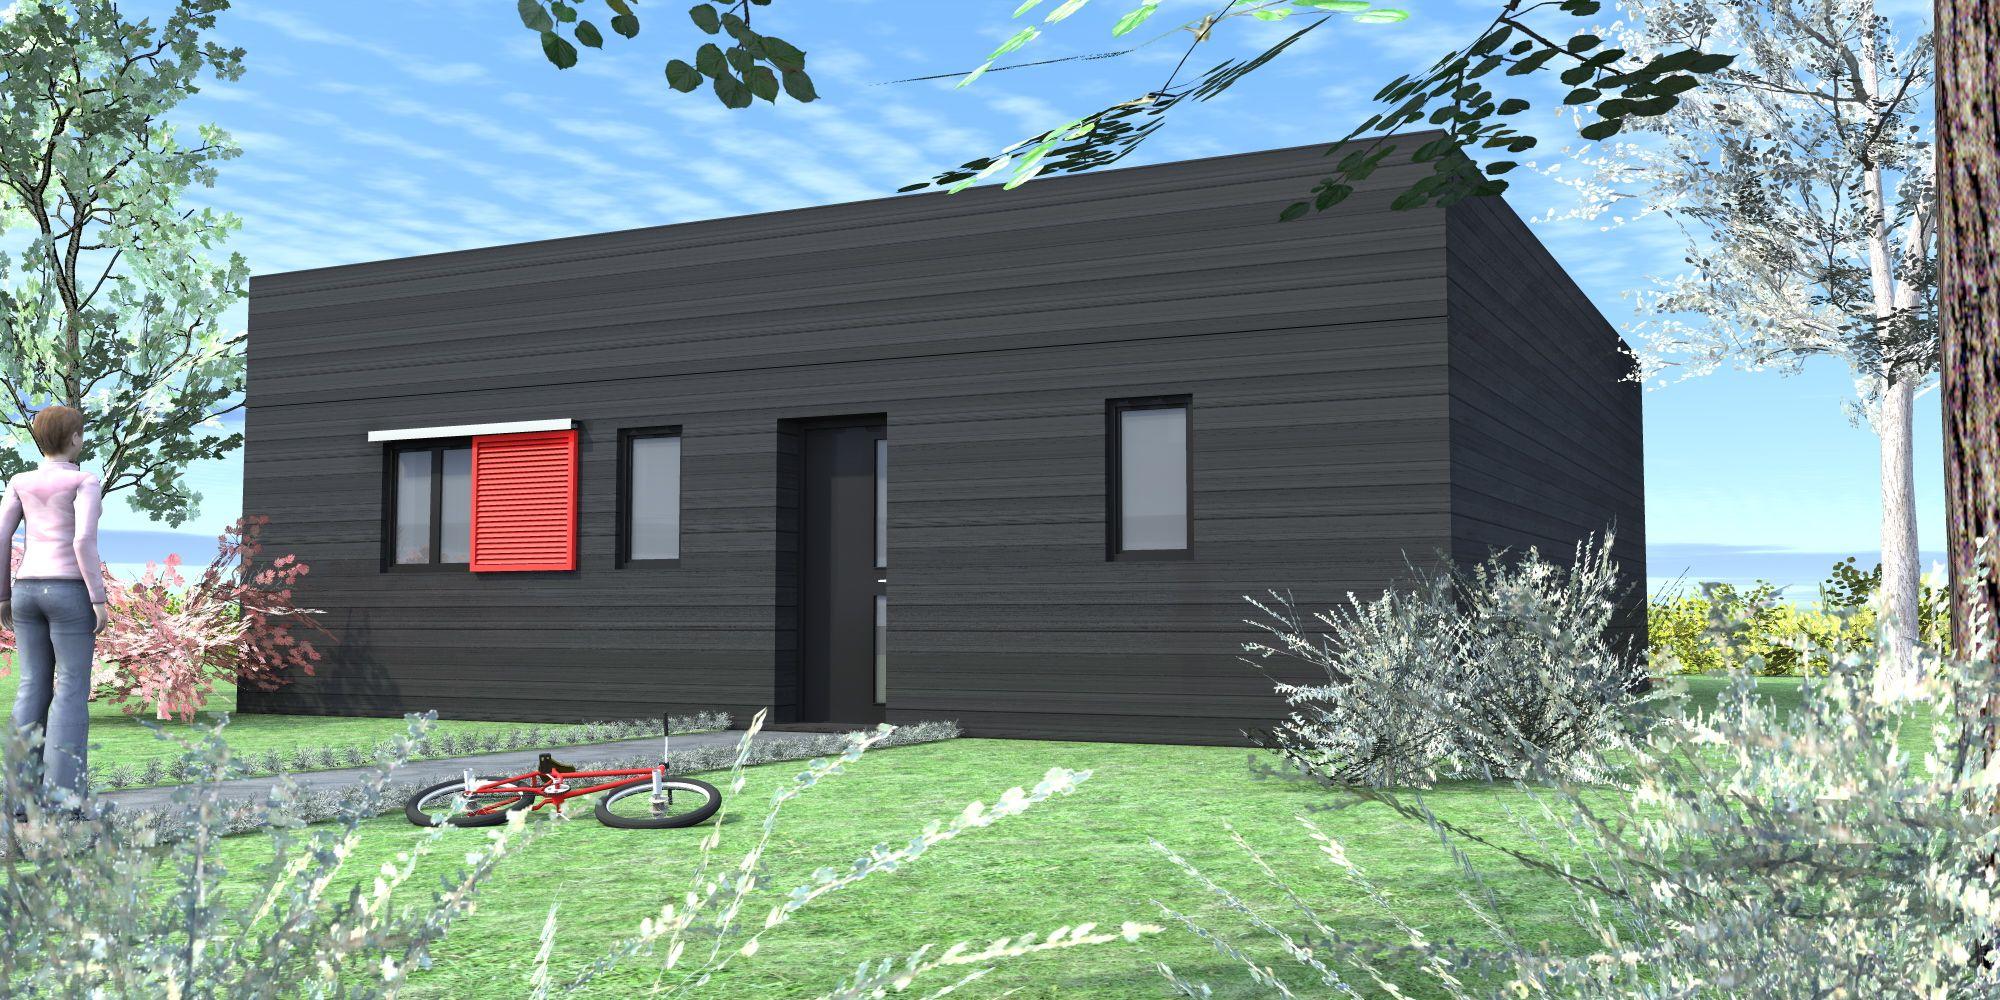 Maisons en bois mod le patio vue ext rieure rue gamme for Absolument maison bhv